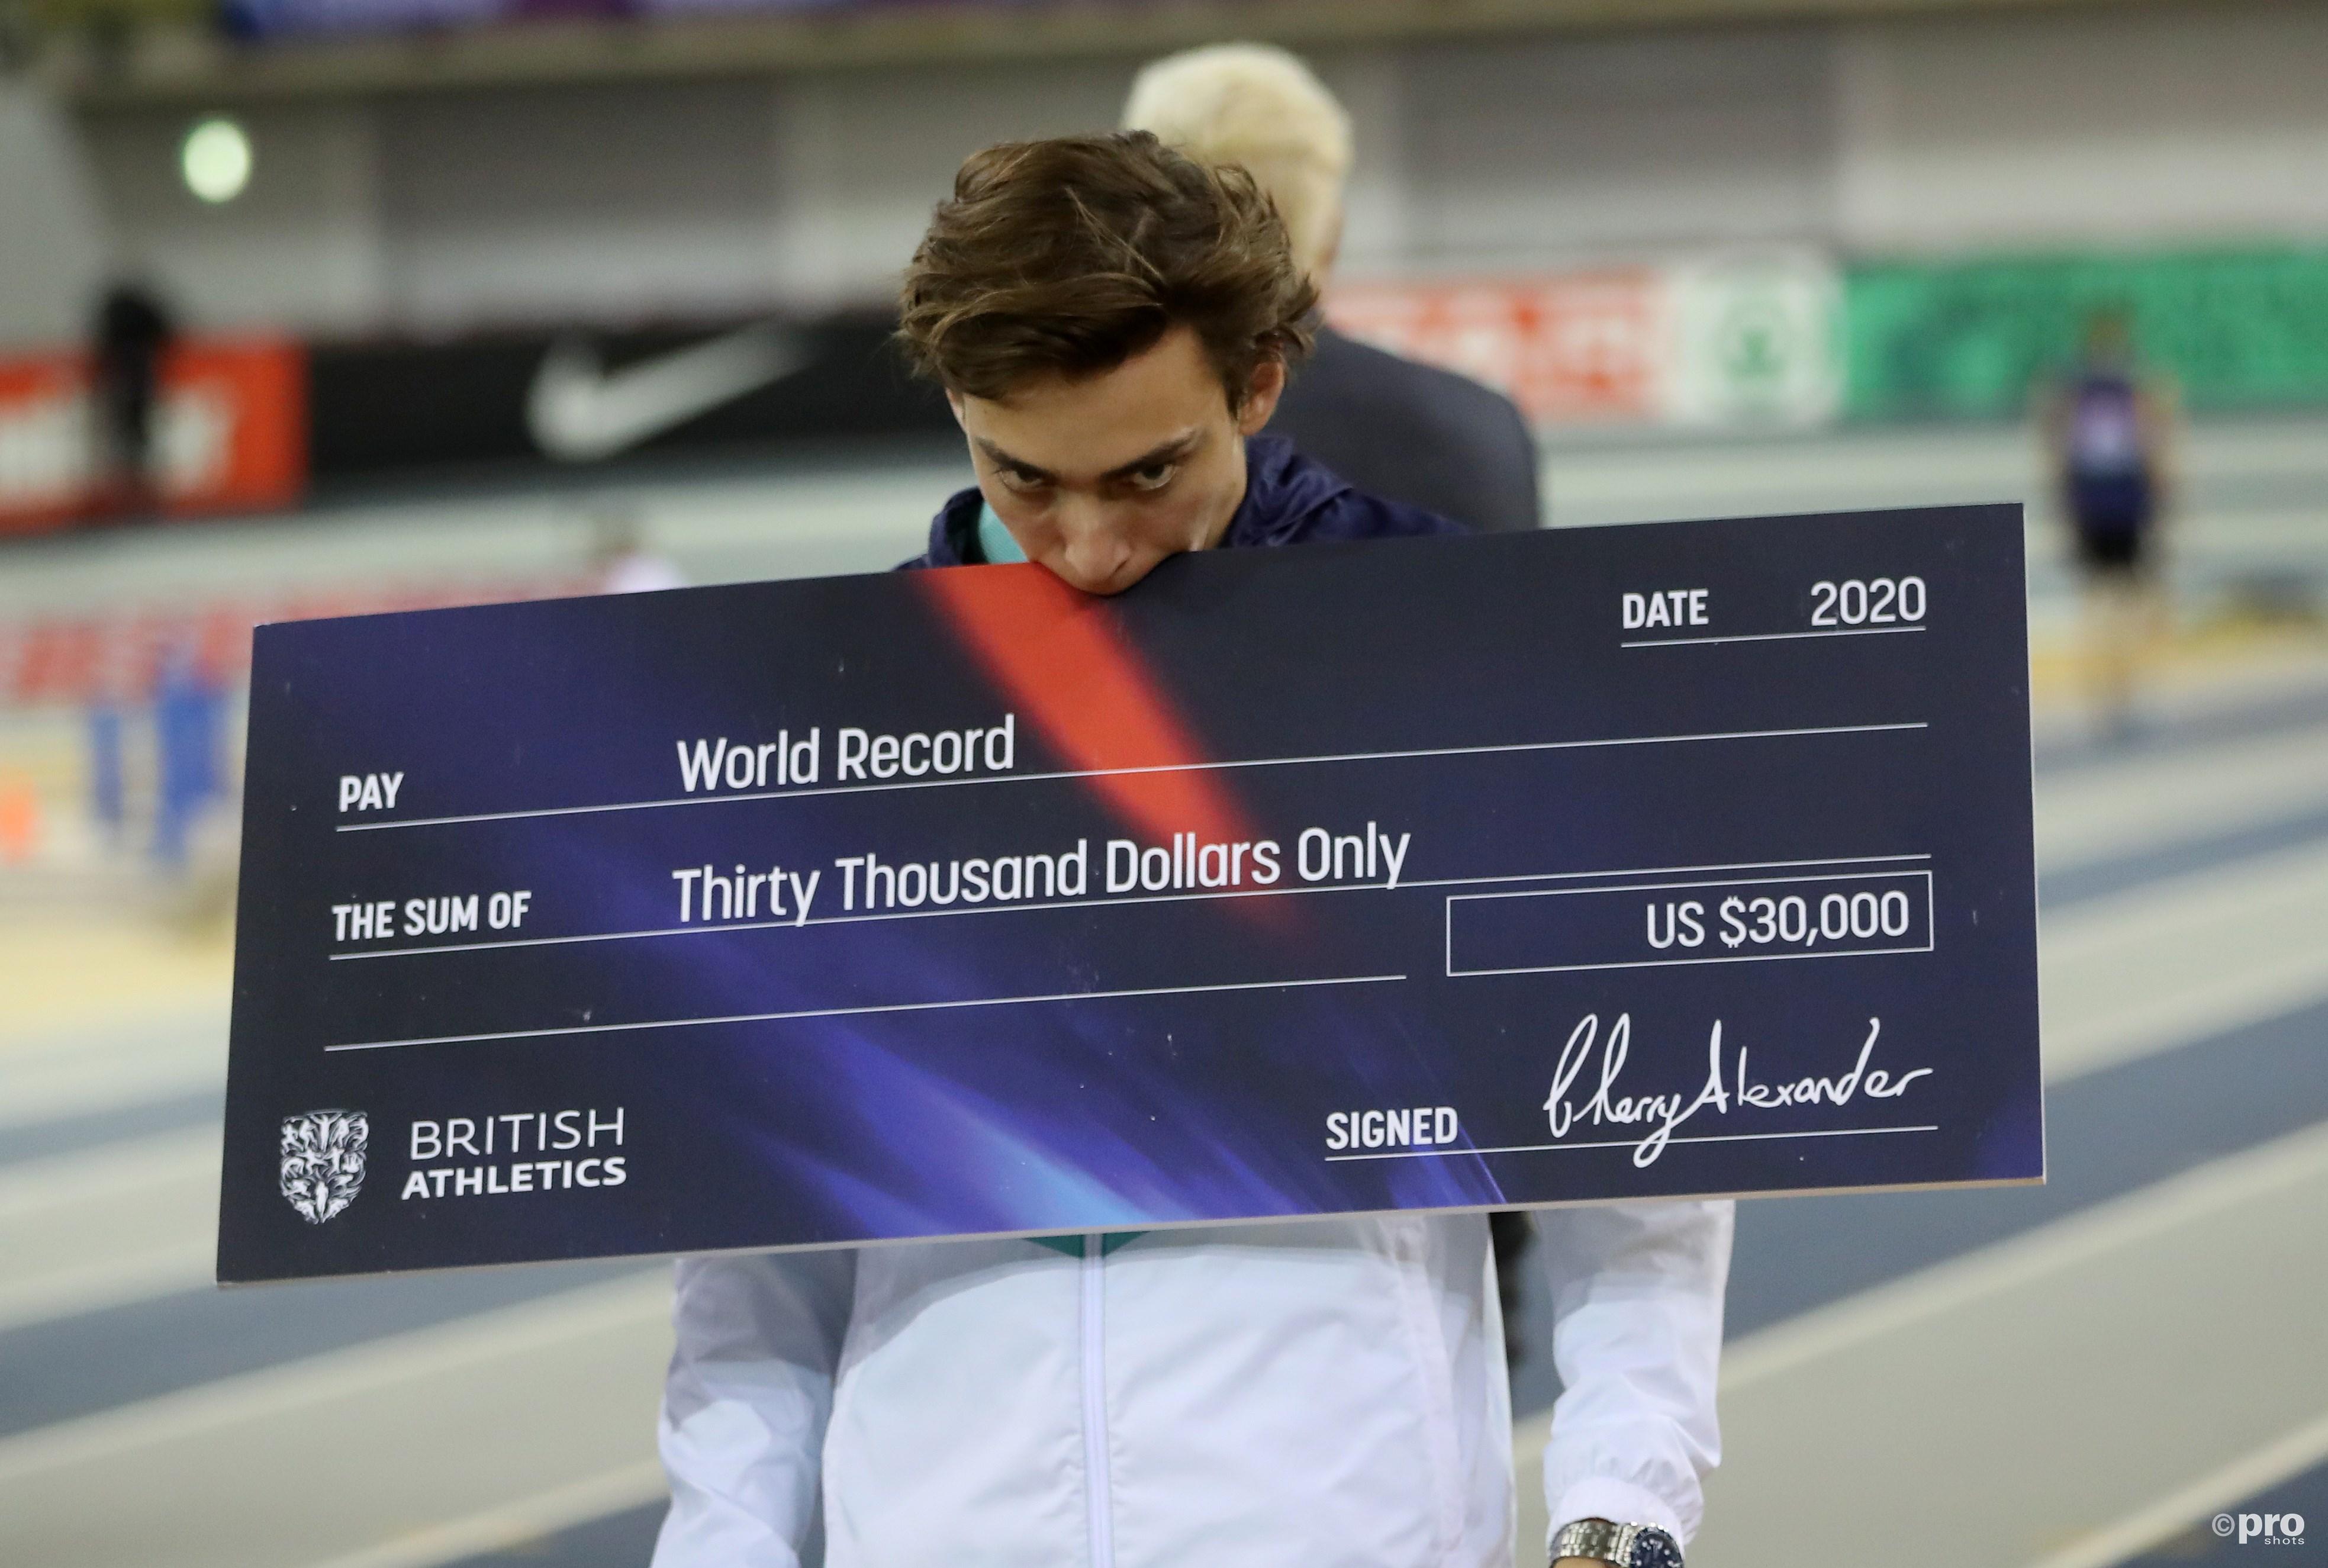 Polsstokhoogspringer Duplantis verbetert wereldrecord opnieuw (Pro Shots / Action Images)